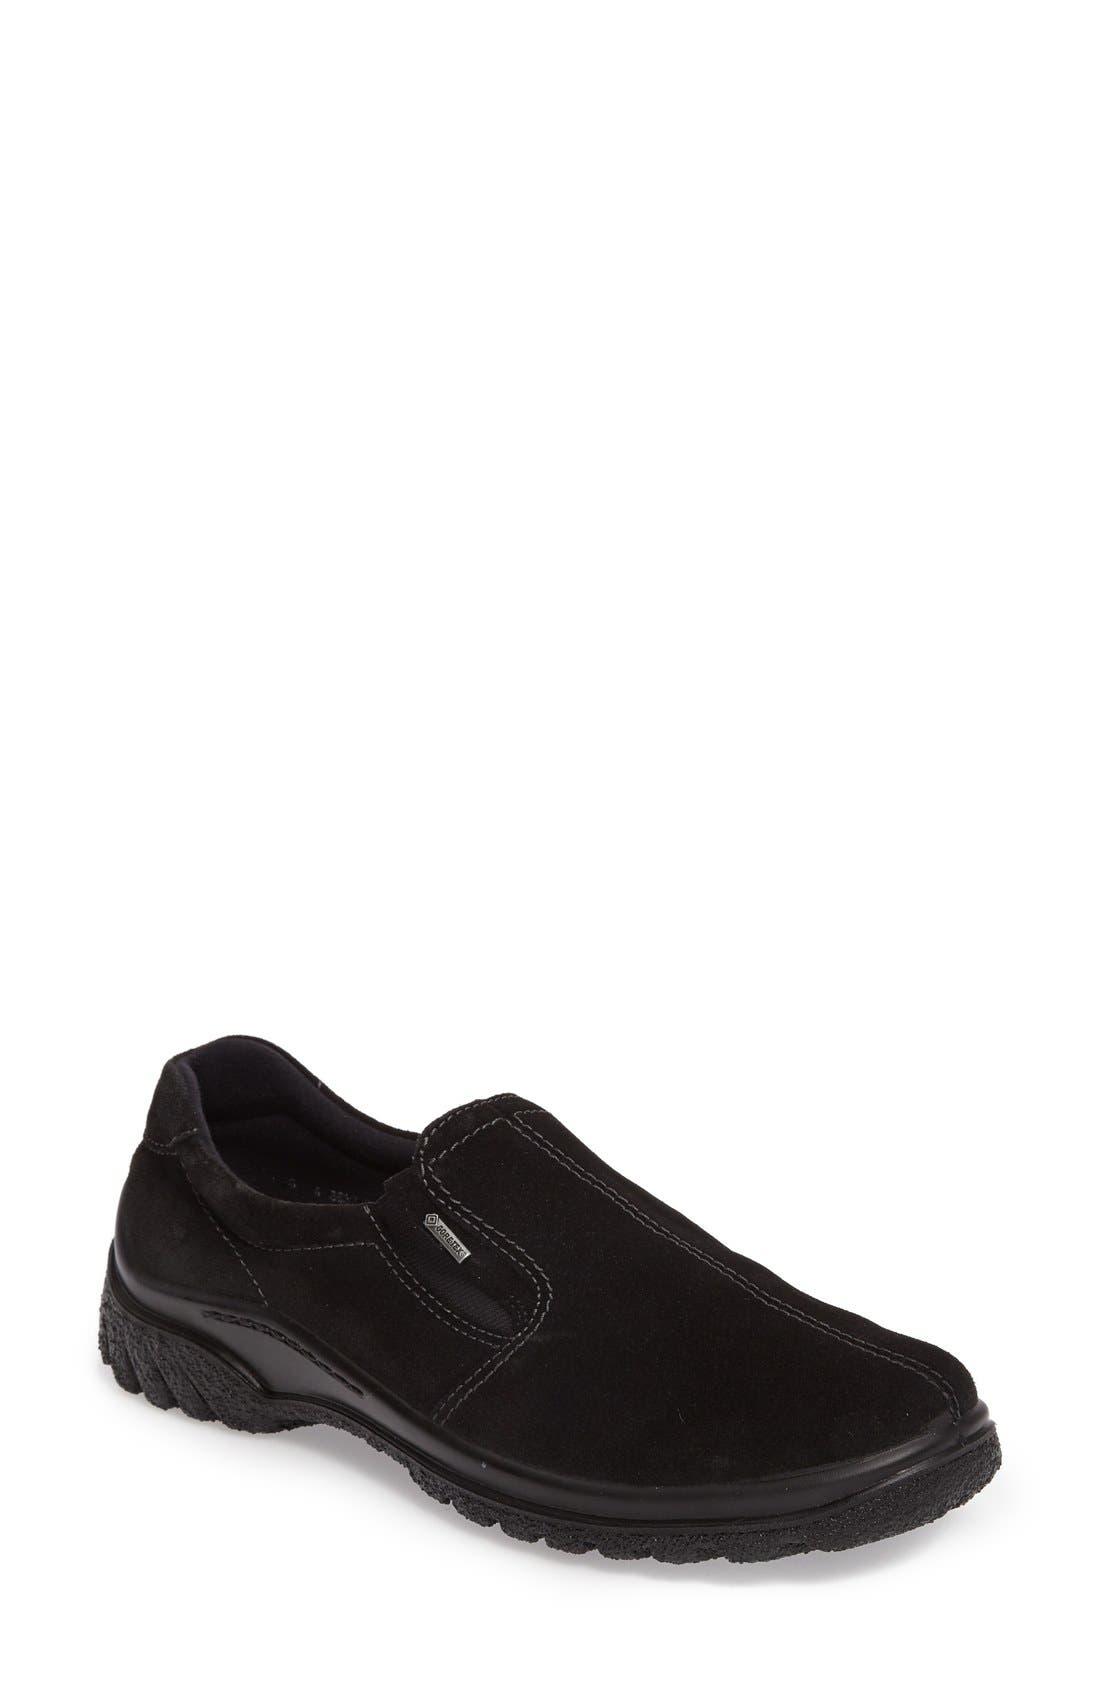 Parson Waterproof Gore-Tex<sup>®</sup> Slip-On Sneaker,                         Main,                         color, Black Suede